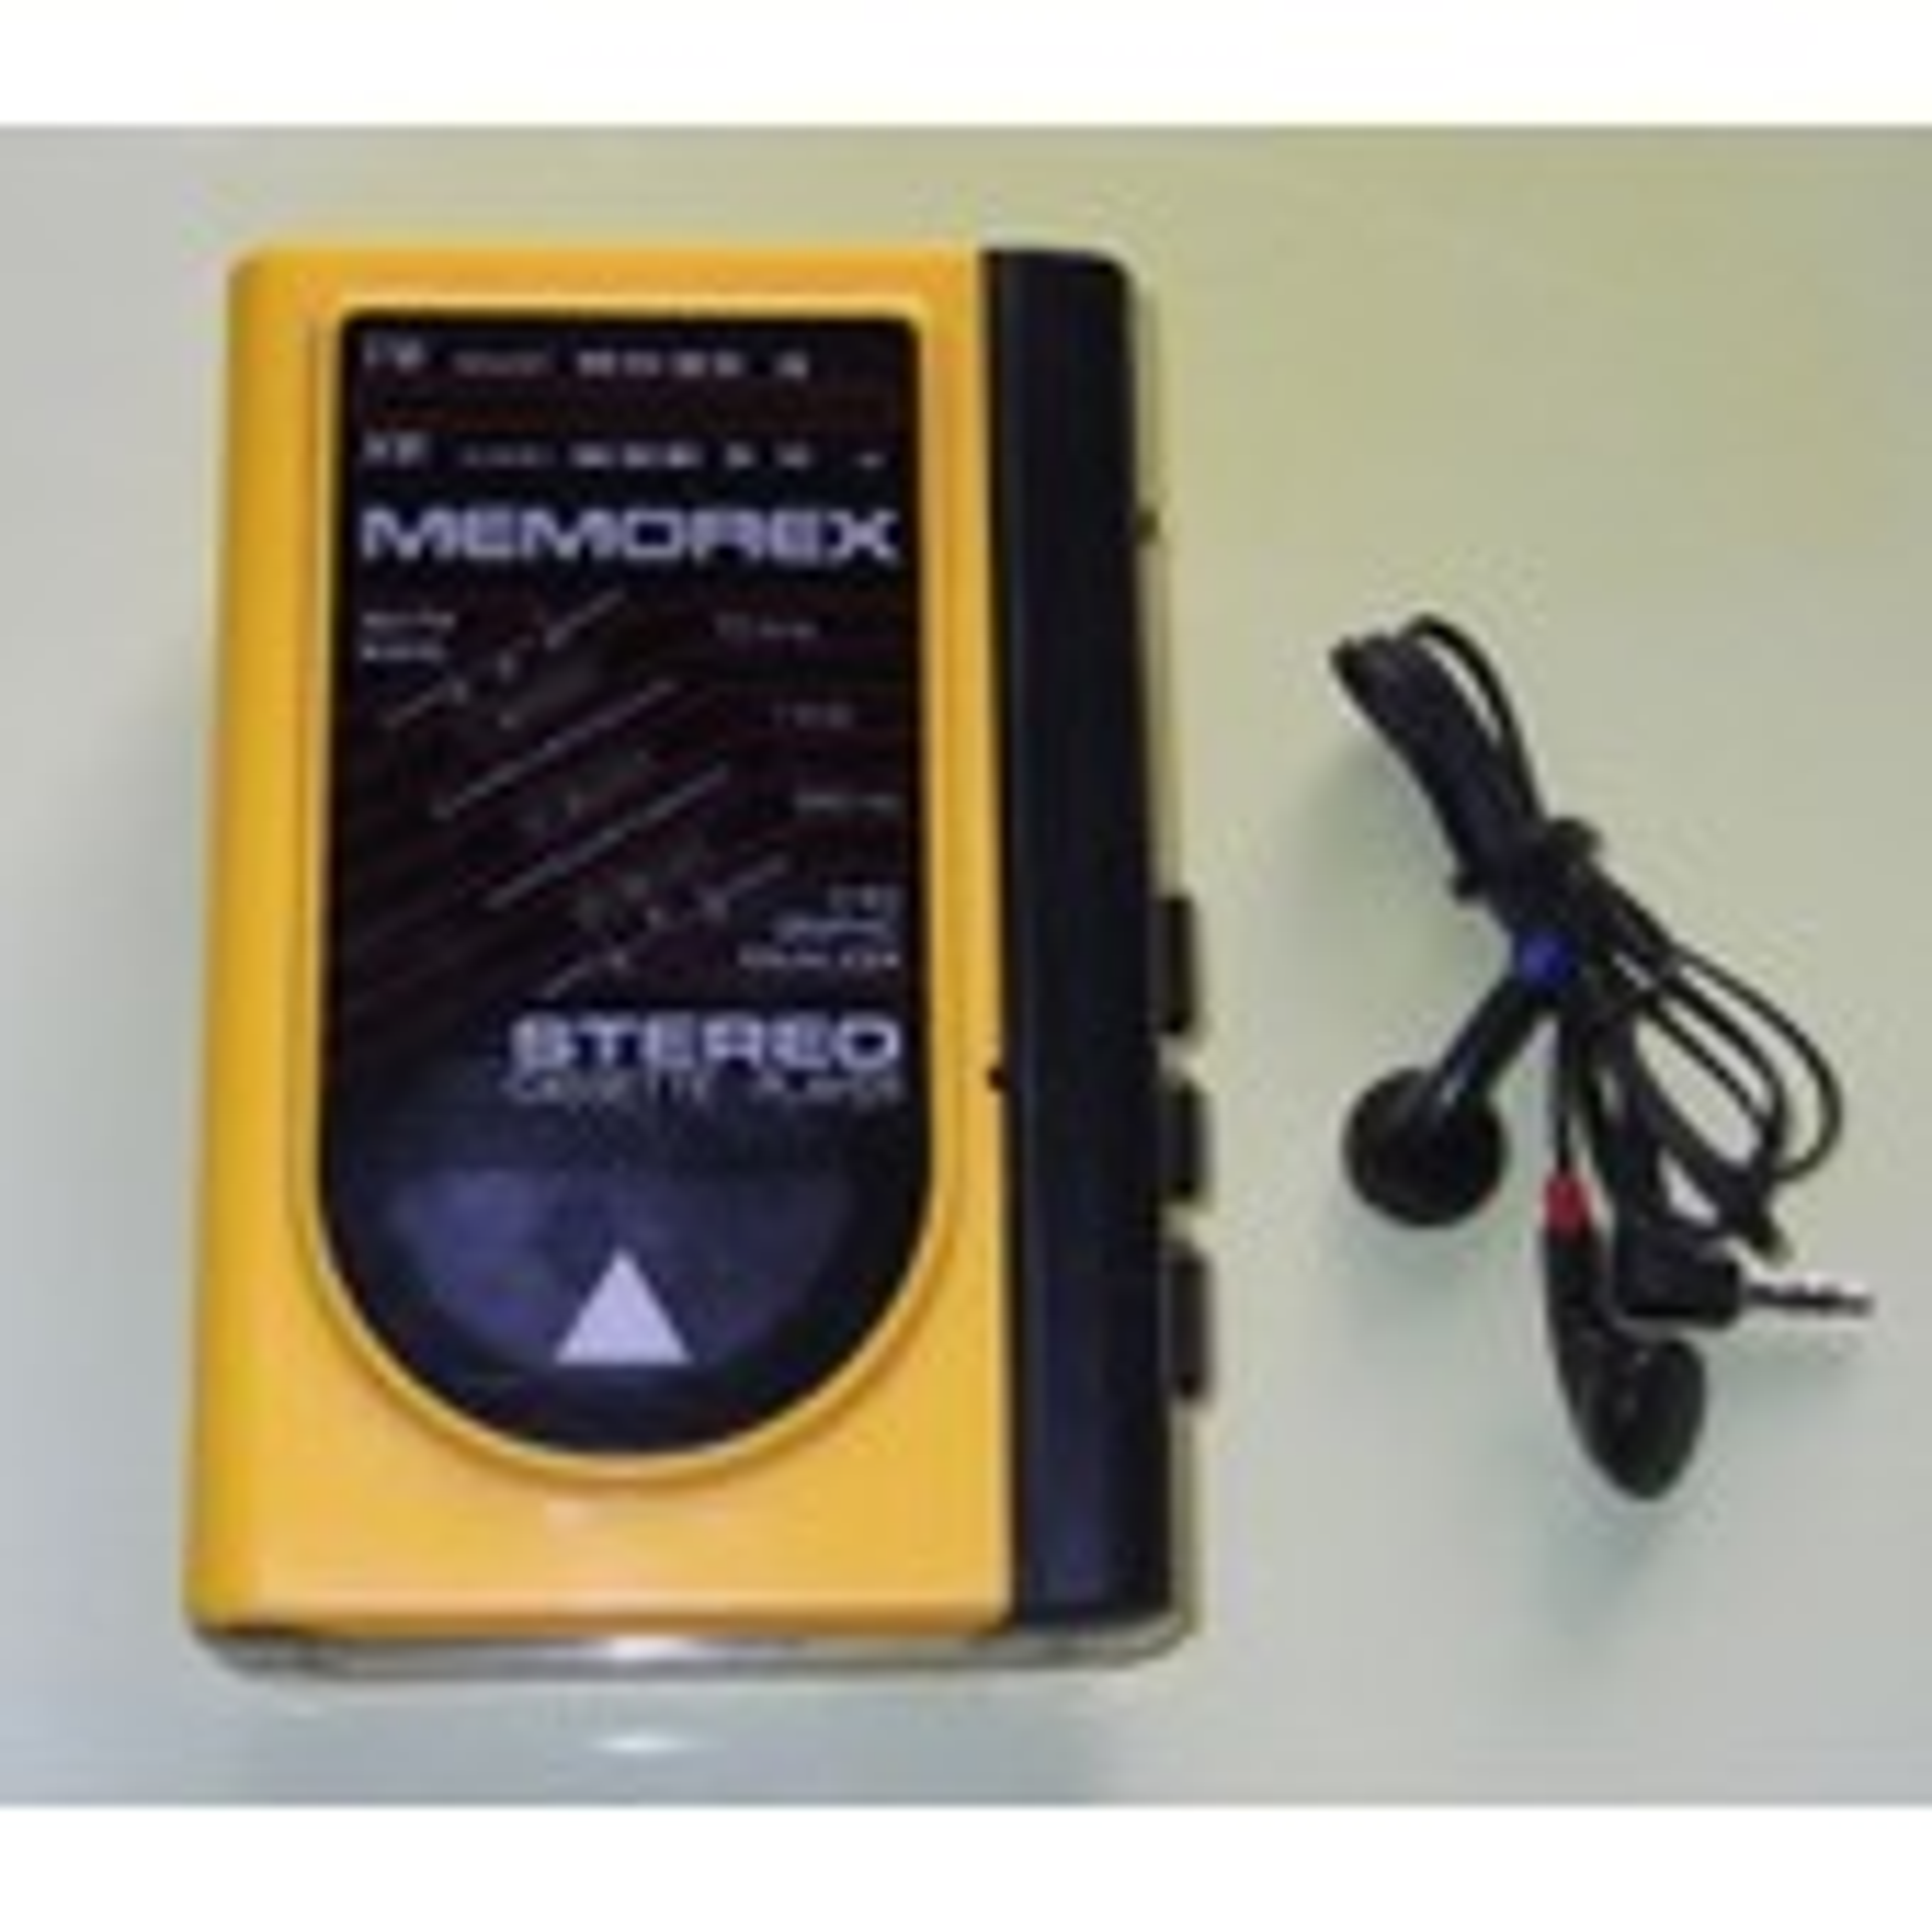 Memorex X1 - Lecteur Cassette Stereo, Radio Am/Fm , & Equaliseur 3 Bandes